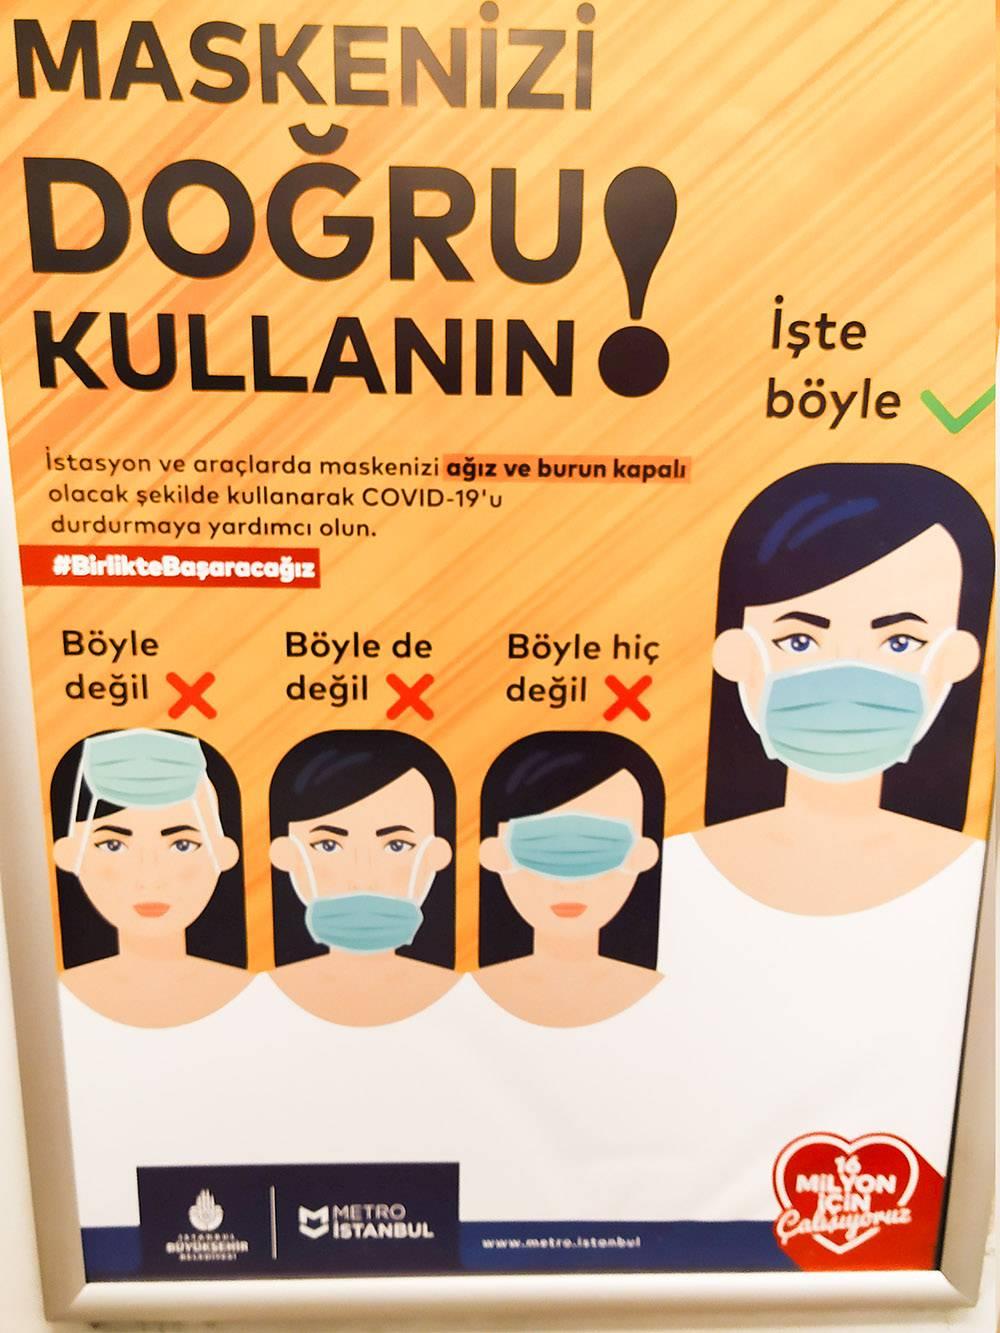 Социальная реклама в метро Стамбула рассказывает, как правильно носить маску